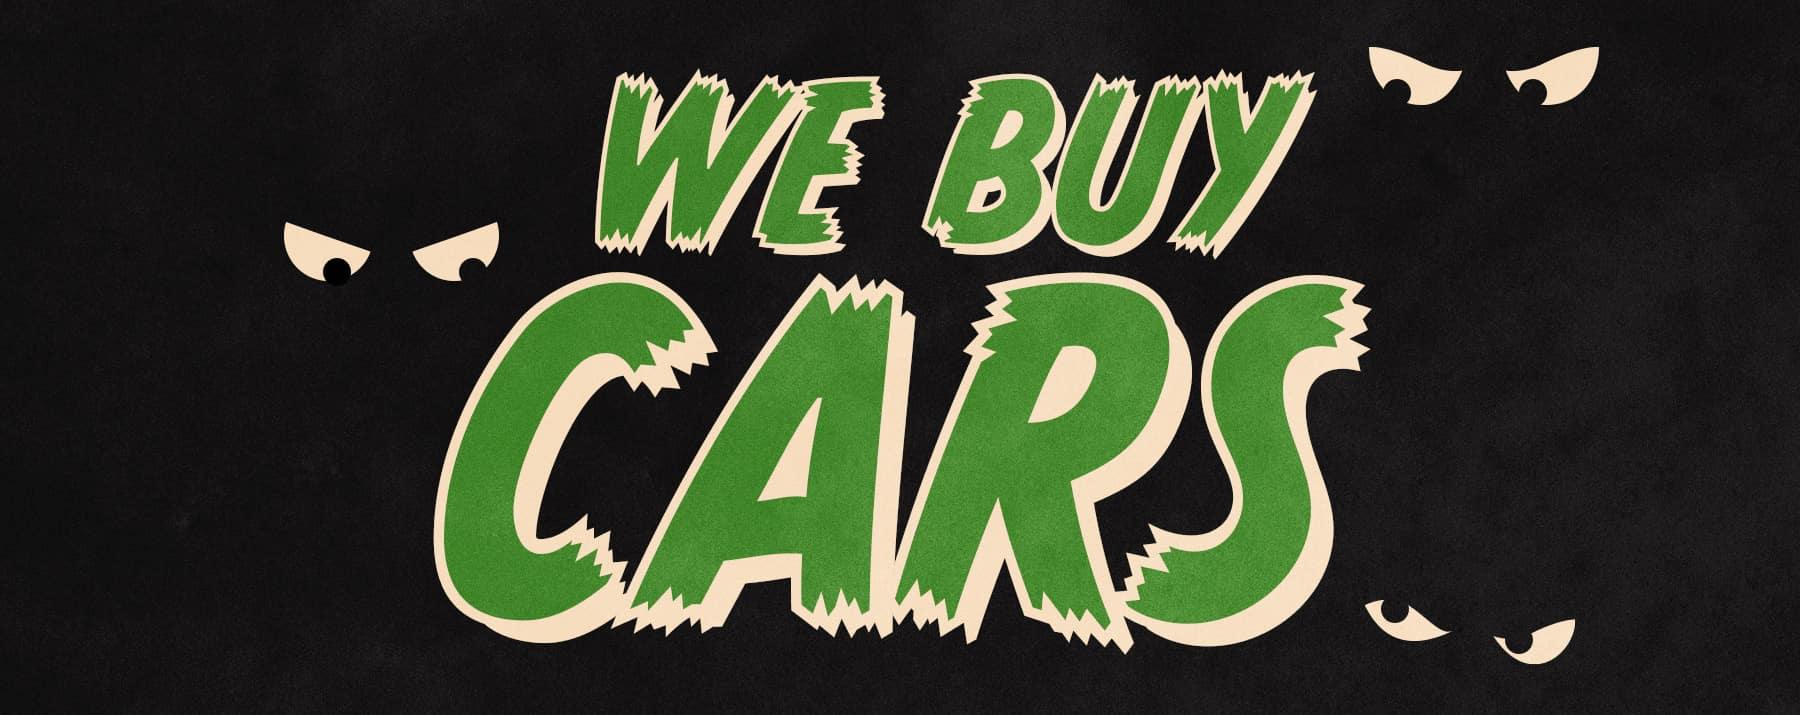 We Buy Cars